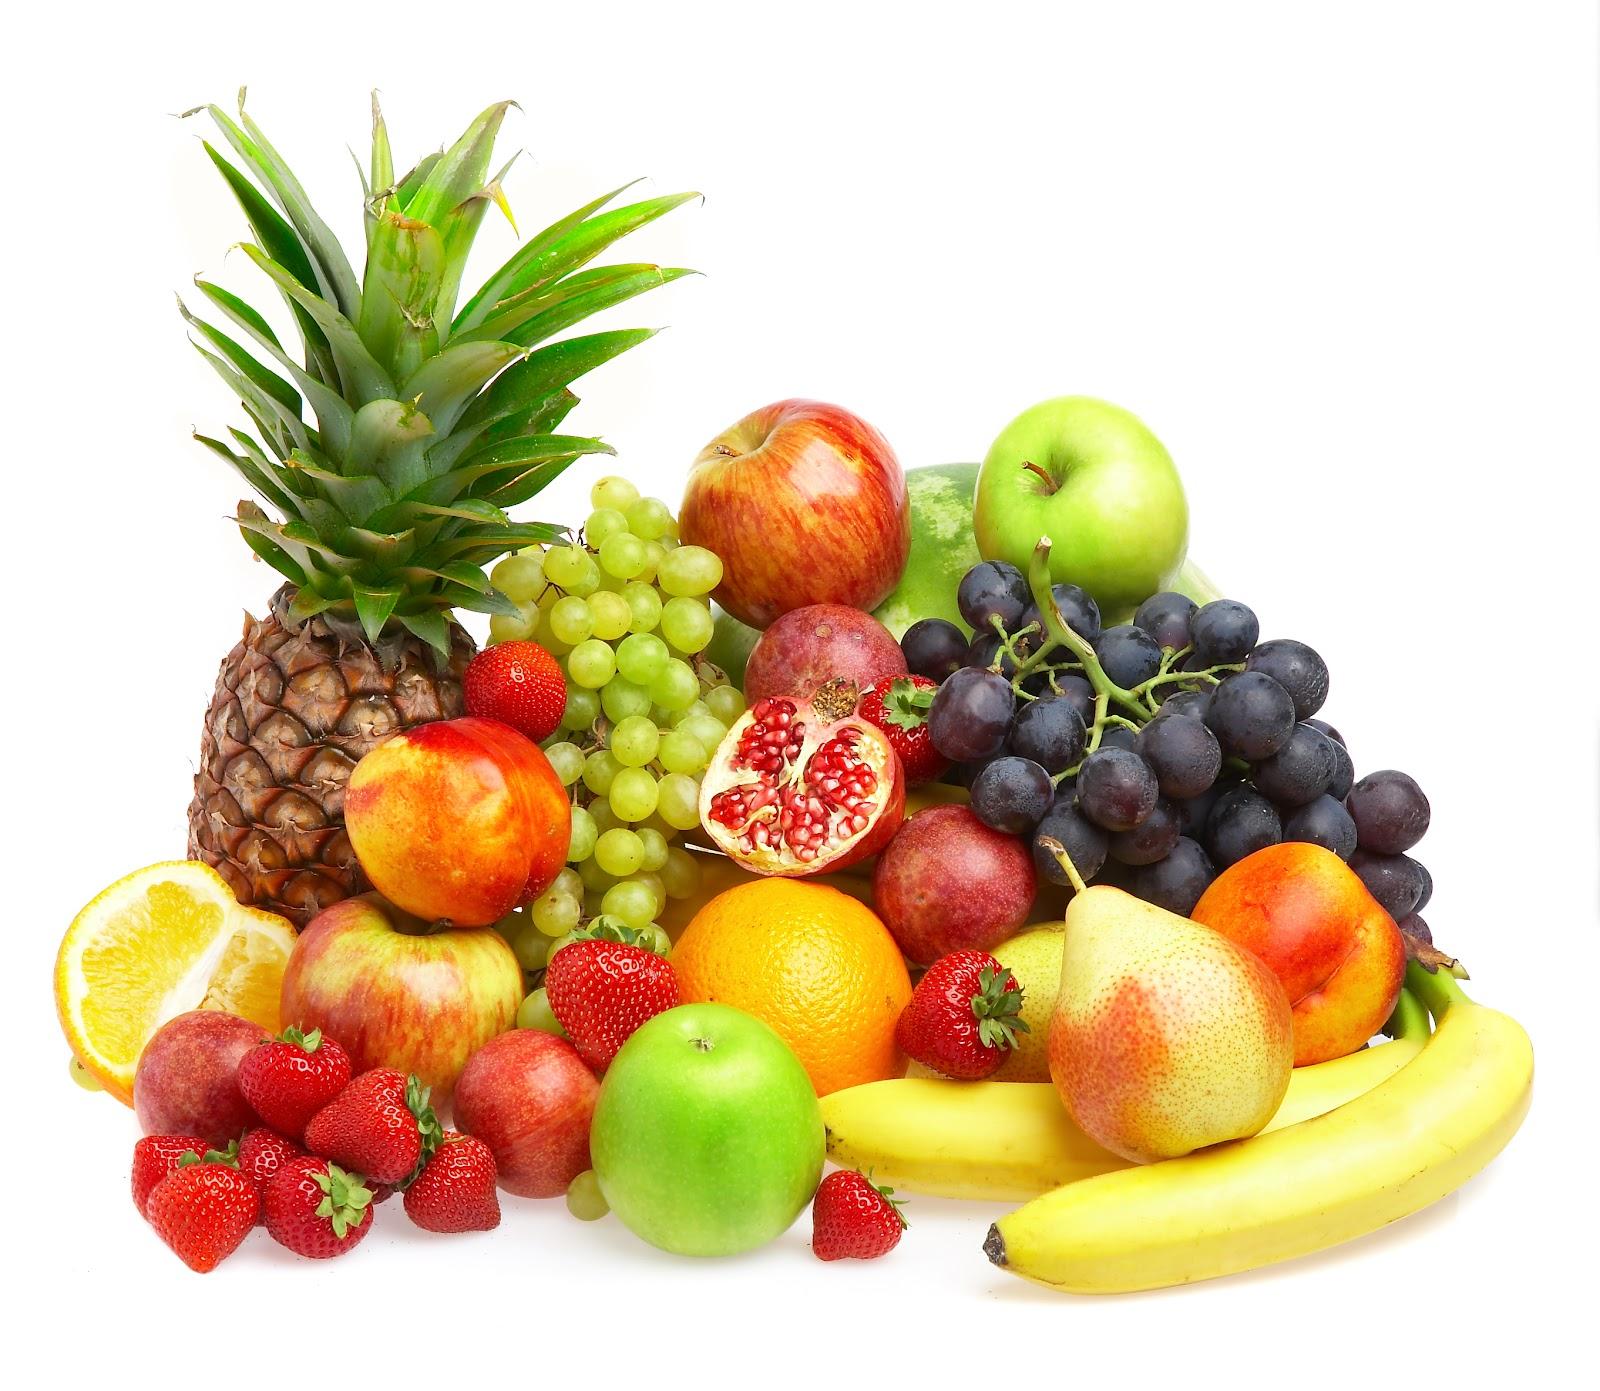 Frutas pouco conhecidas têm alto poder anti-inflamatório e antioxidante